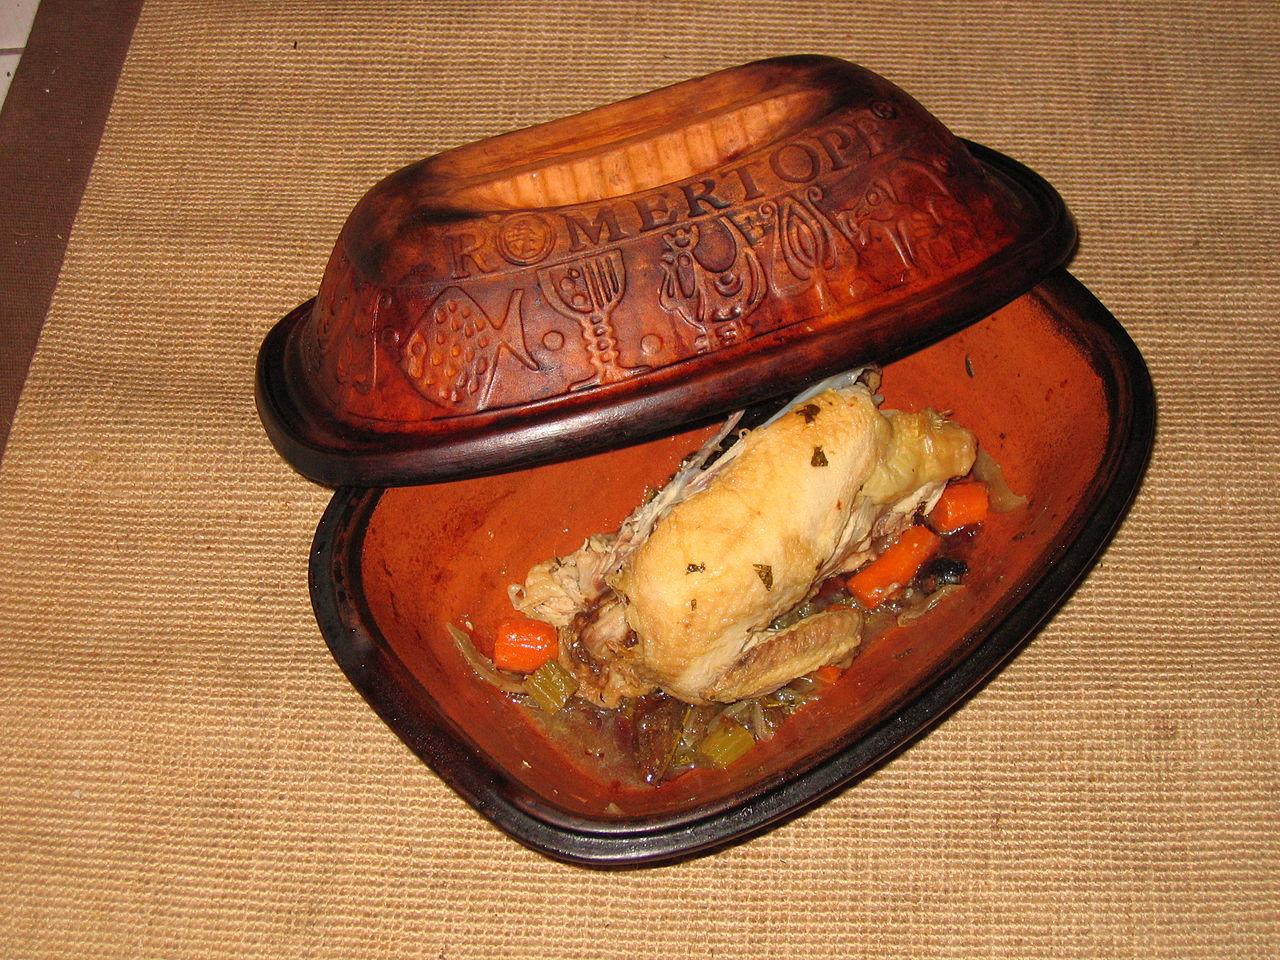 Garnek rzymski – długa i fascynująca przygoda kulinarna